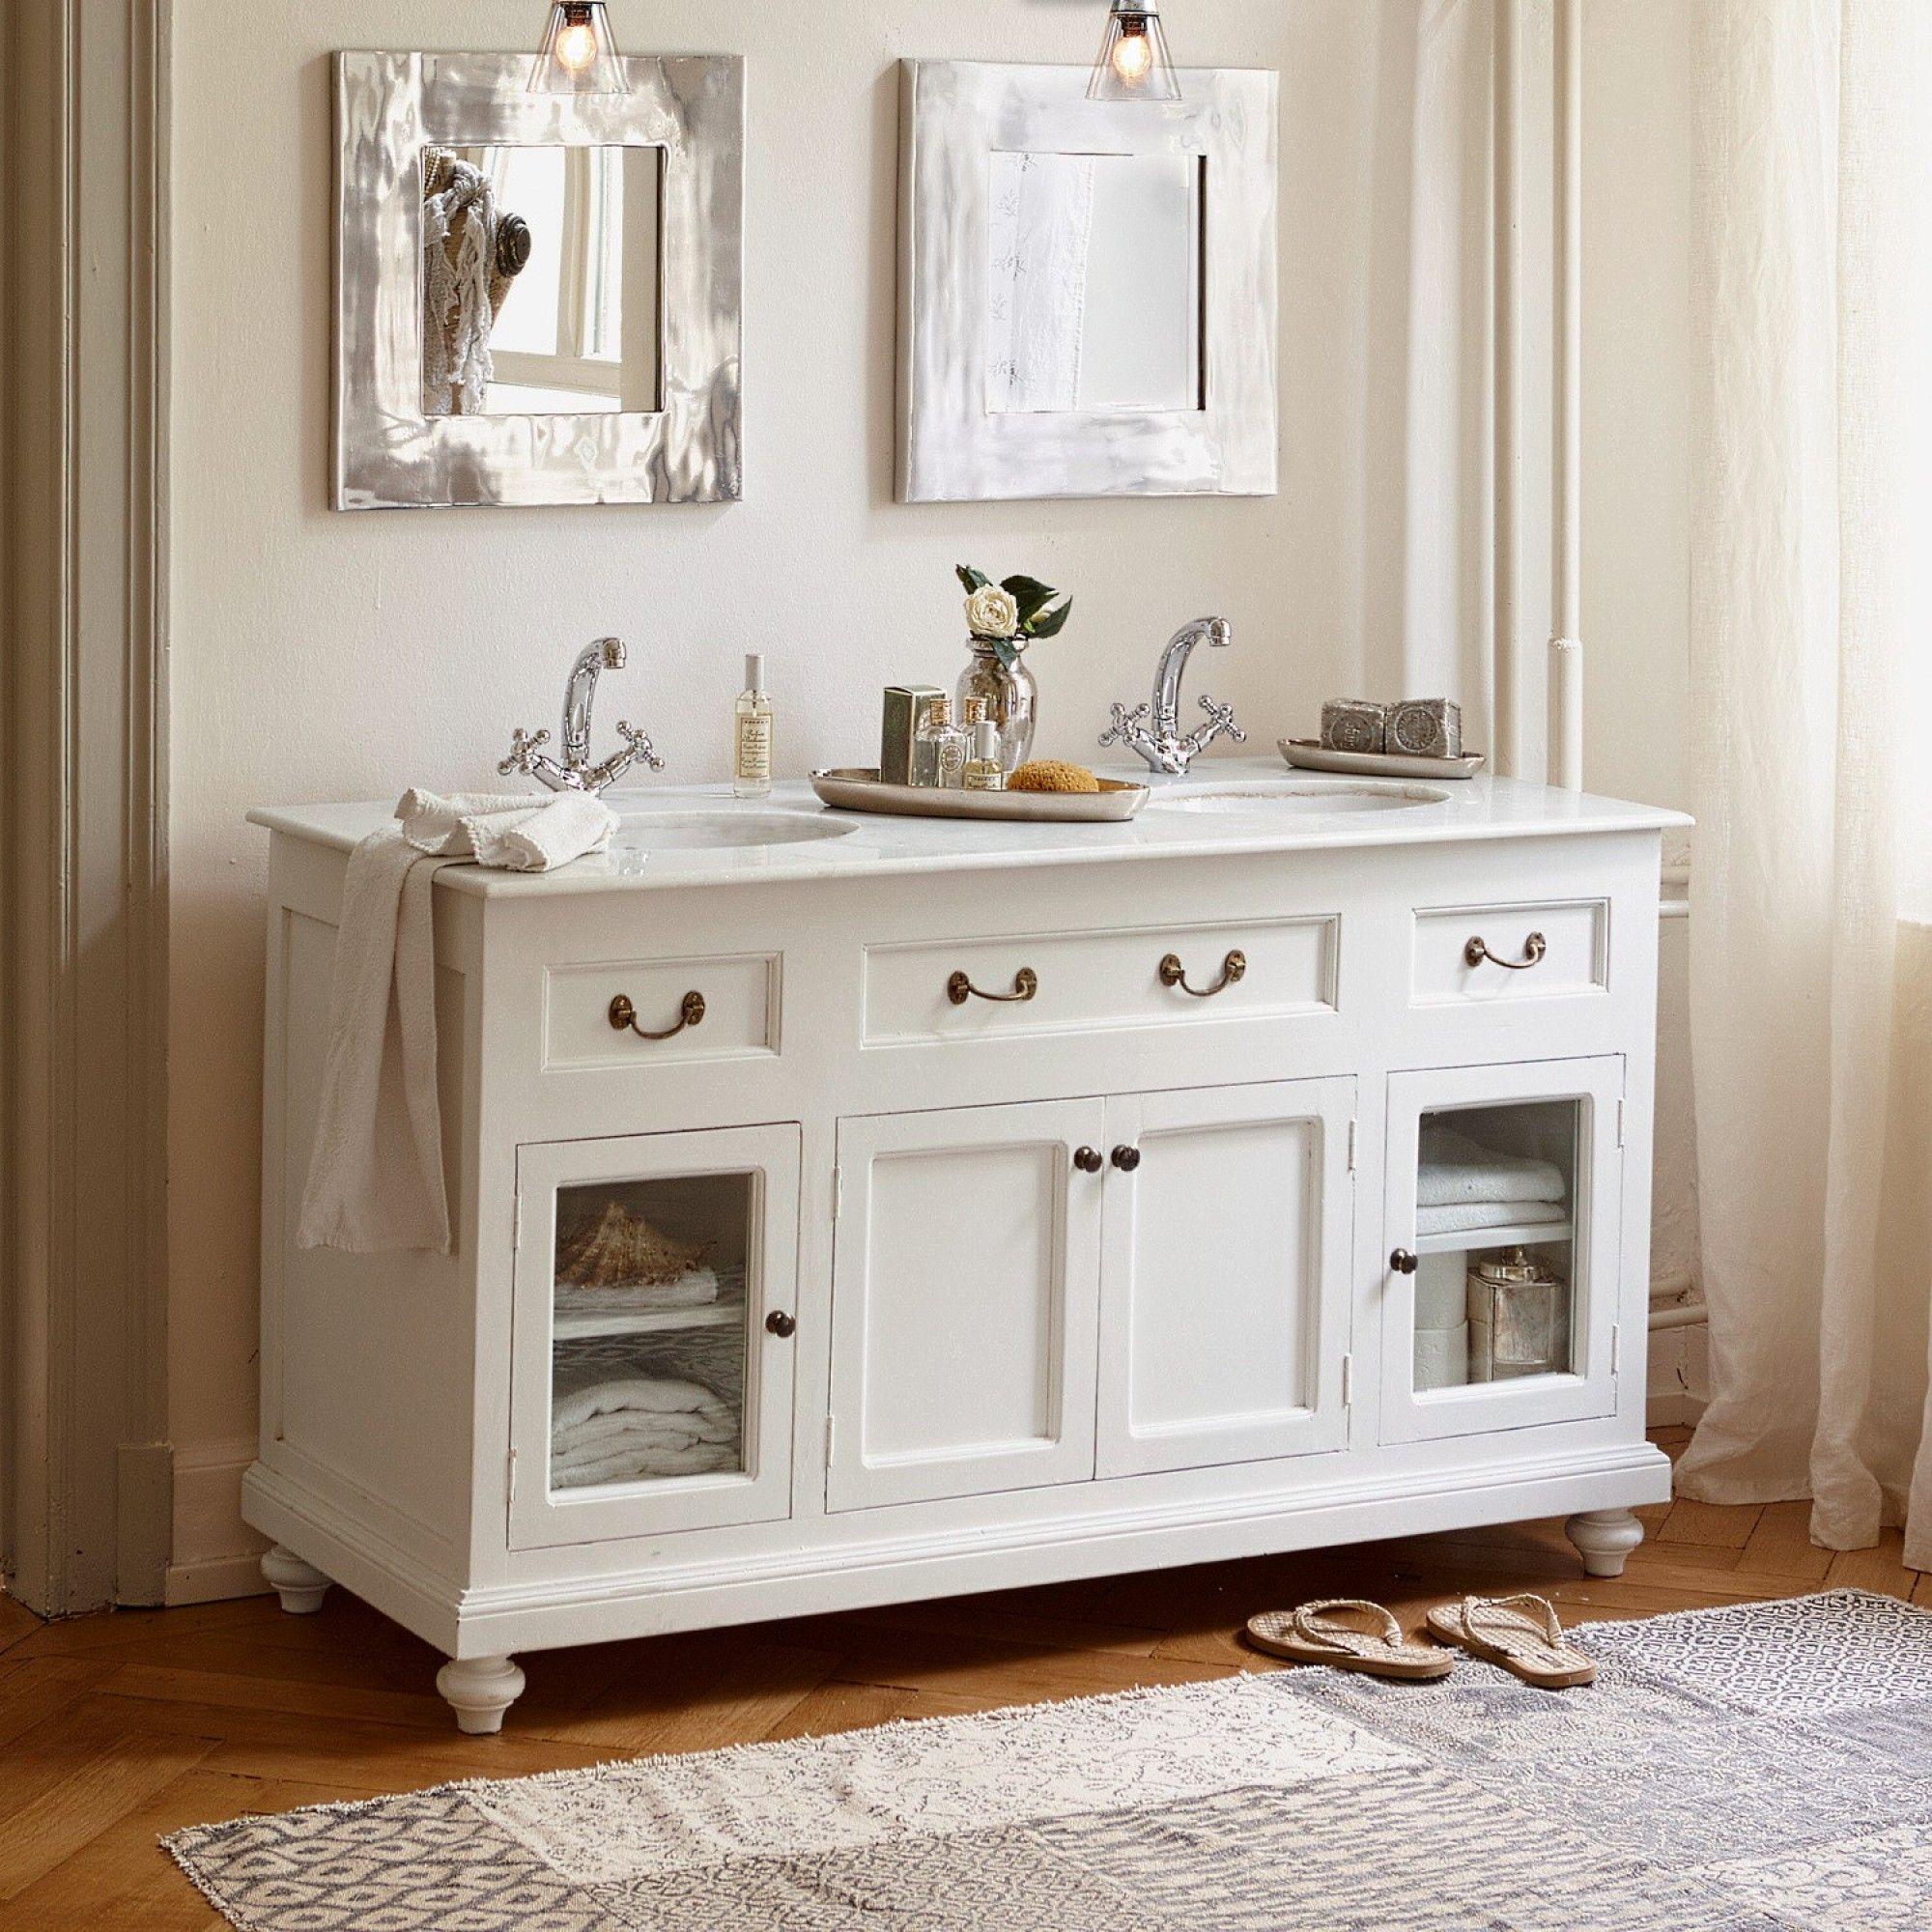 Waschtisch Belmont Loberon Coming Home Waschtisch Waschtisch Landhaus Shabby Chic Badezimmer